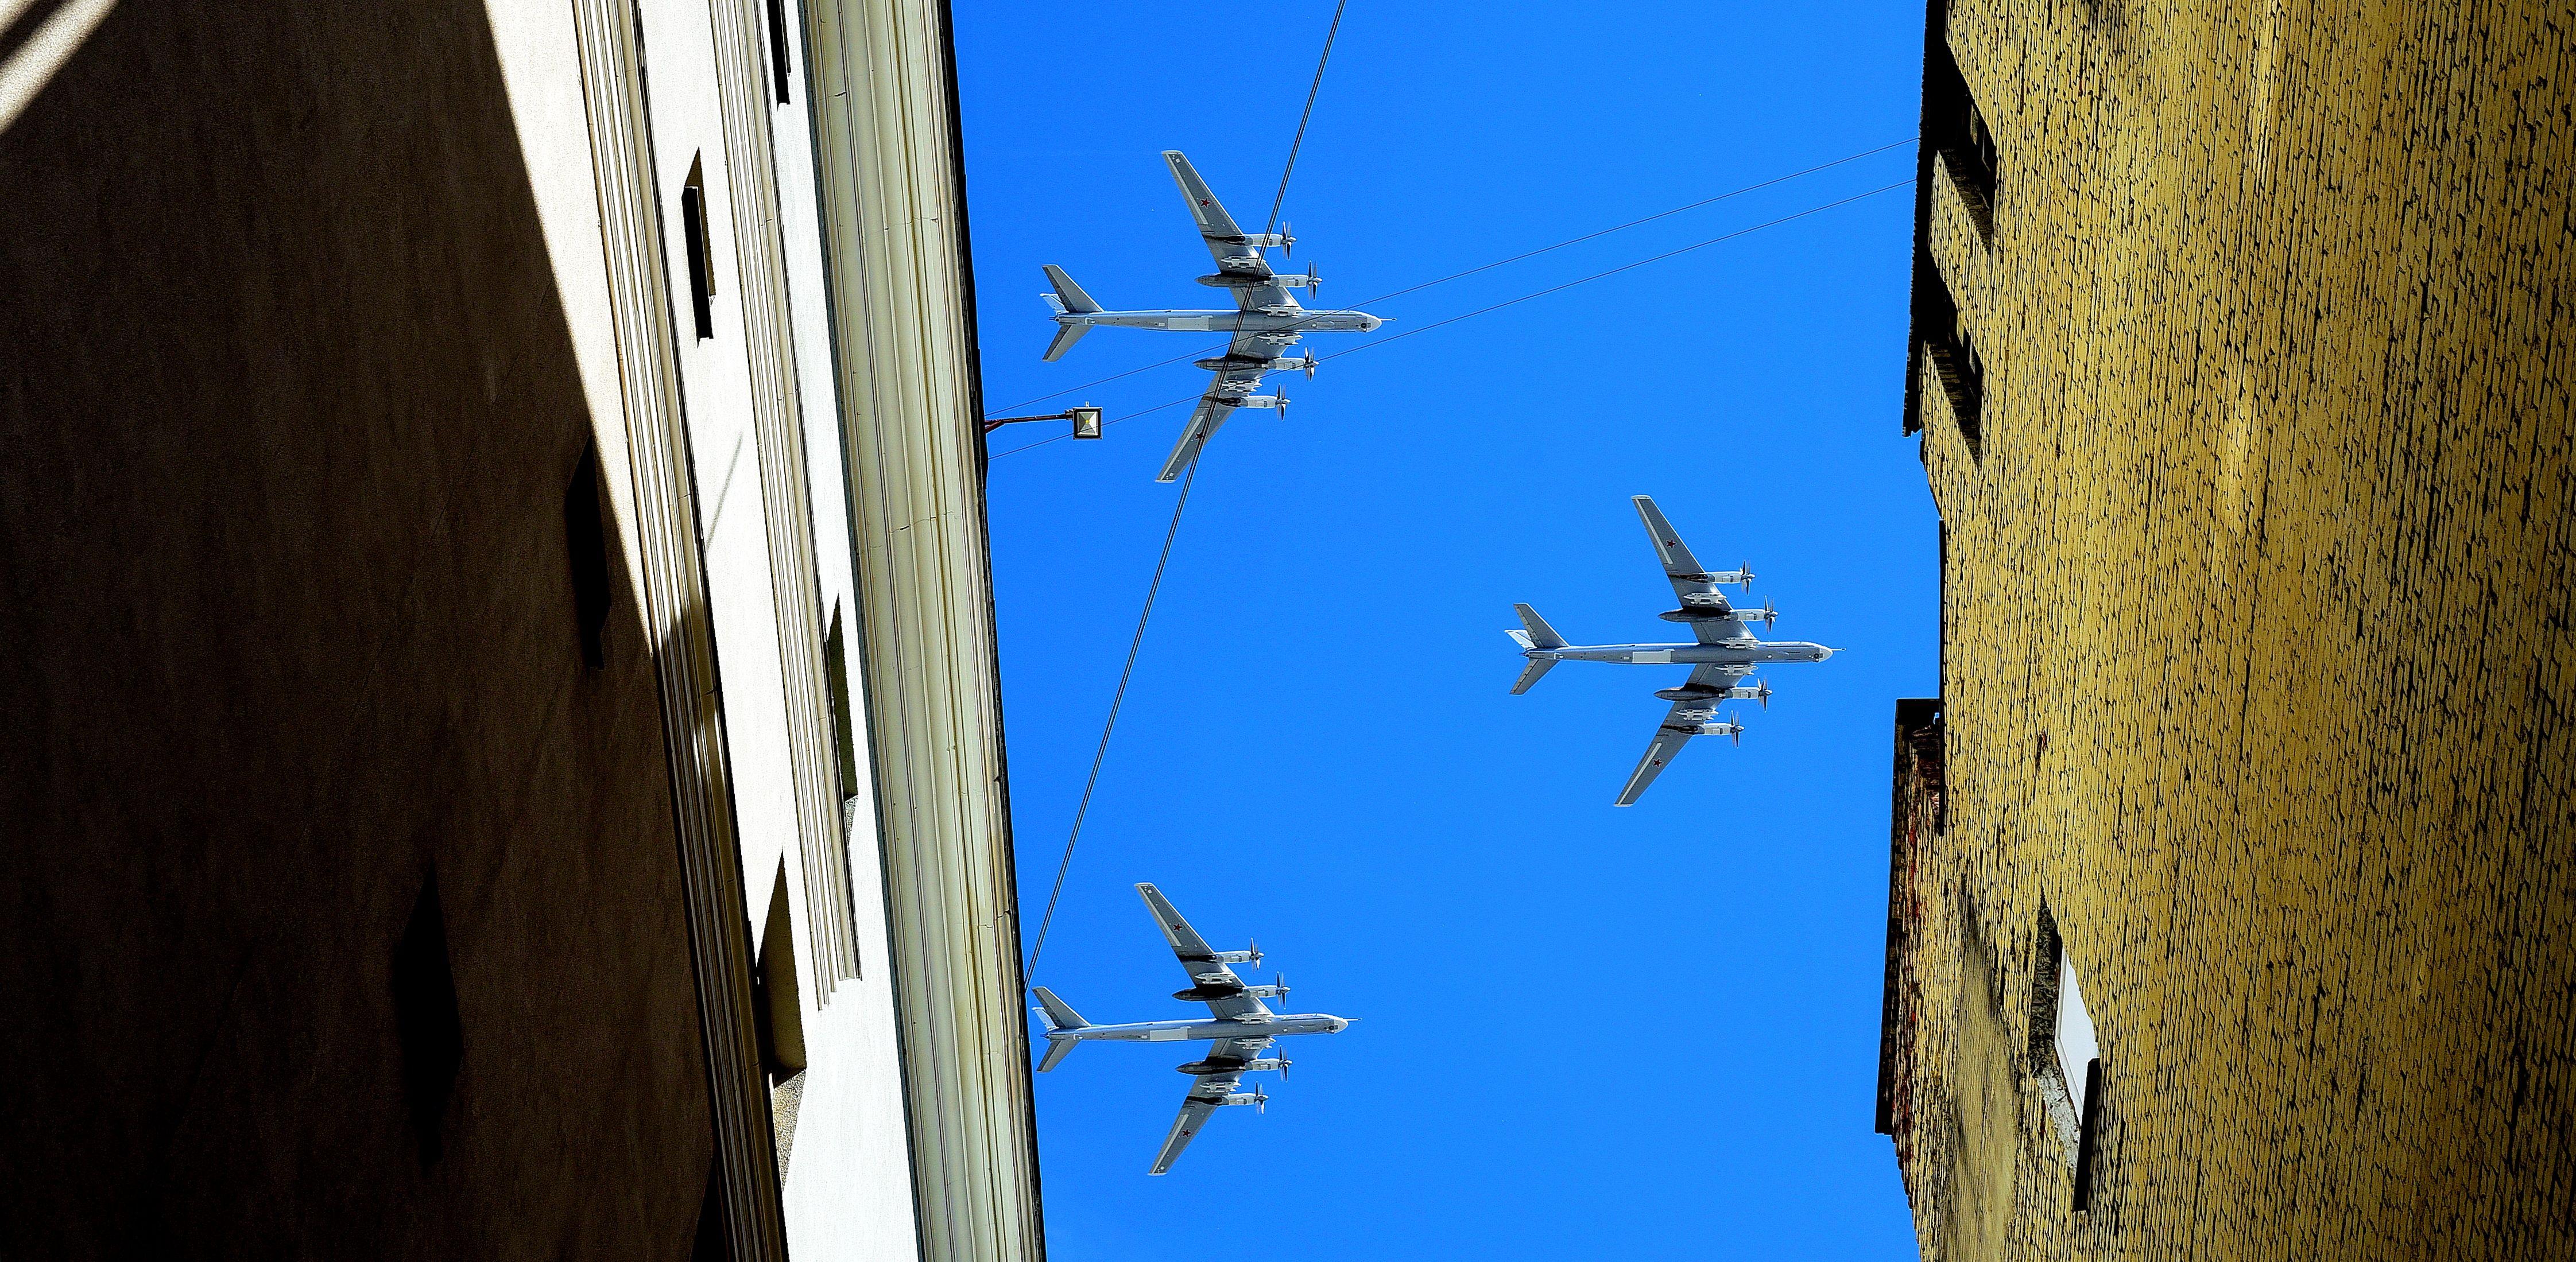 Портал «Узнай Москву» составил топ-10 авиационных объектов столицы